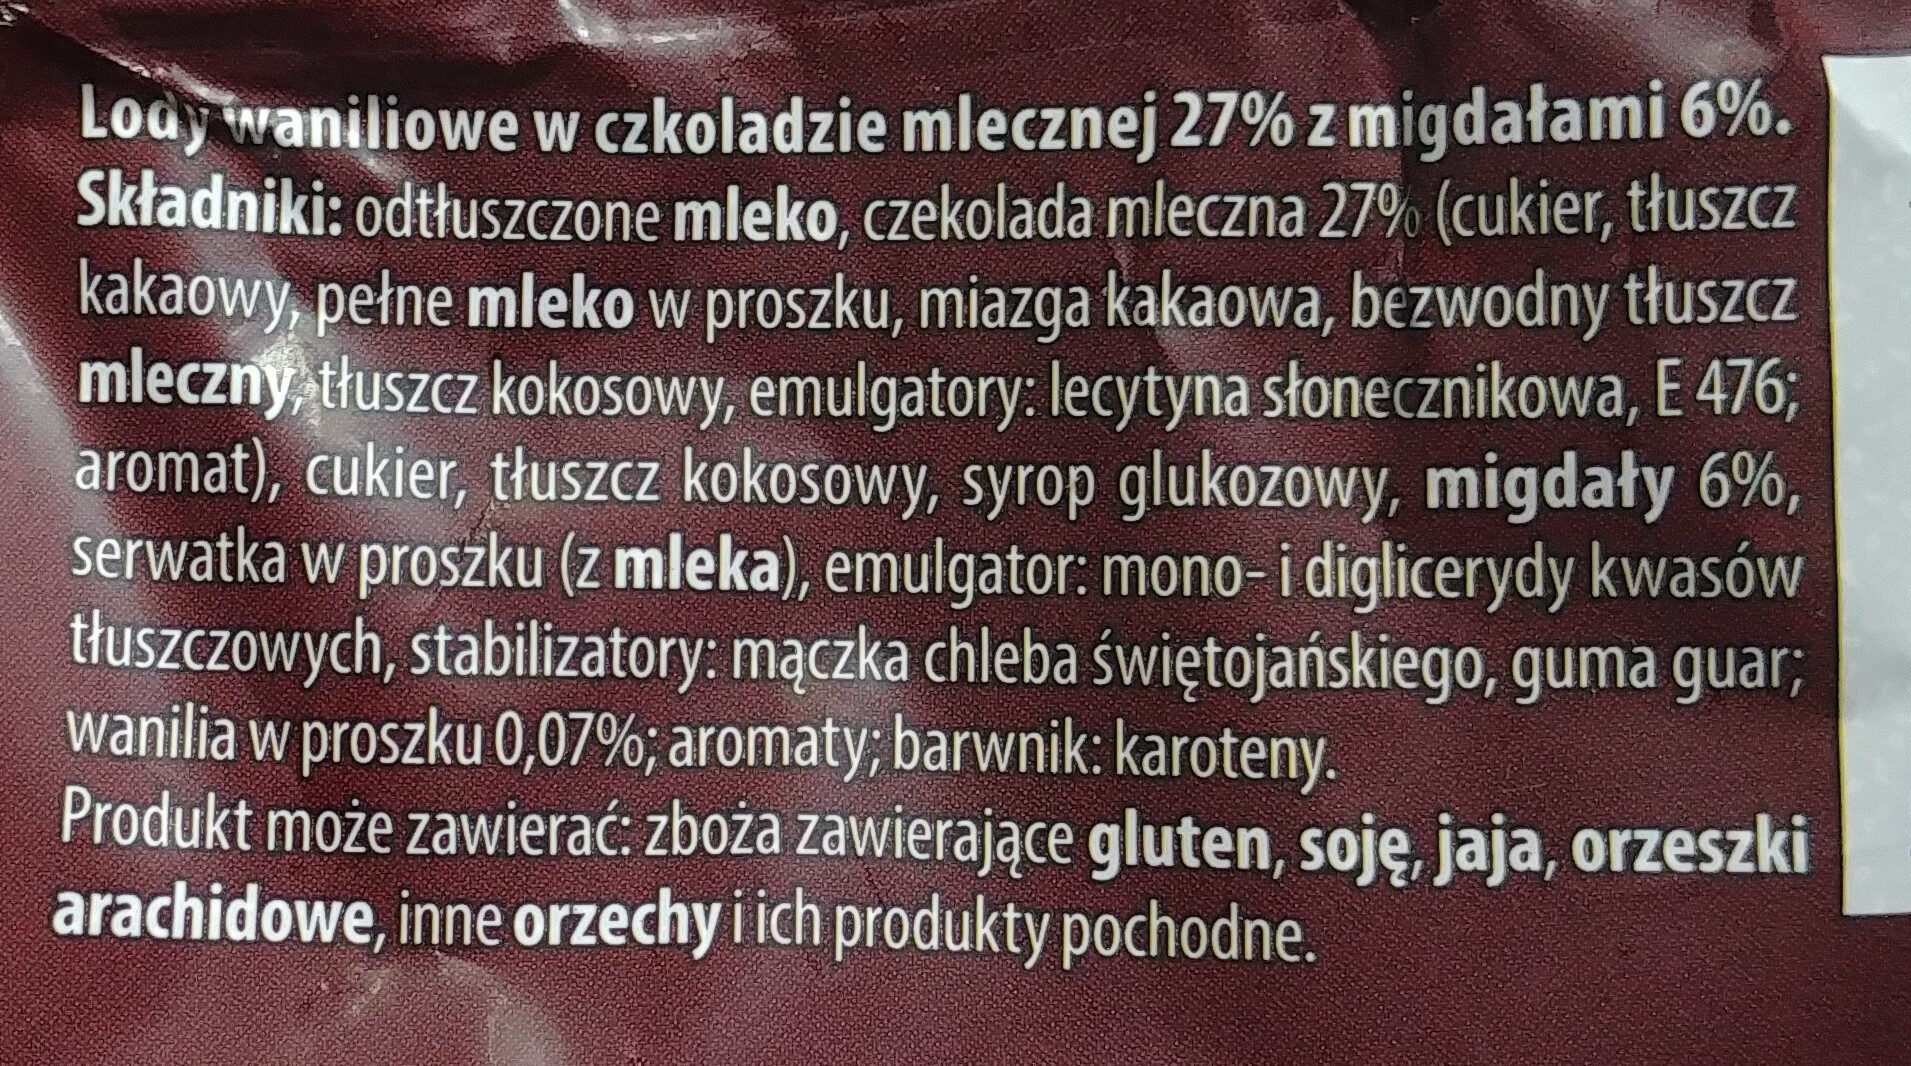 Lody waniliowe w czekoladzie mlecznej 27% z migdałami 6%. - Składniki - pl